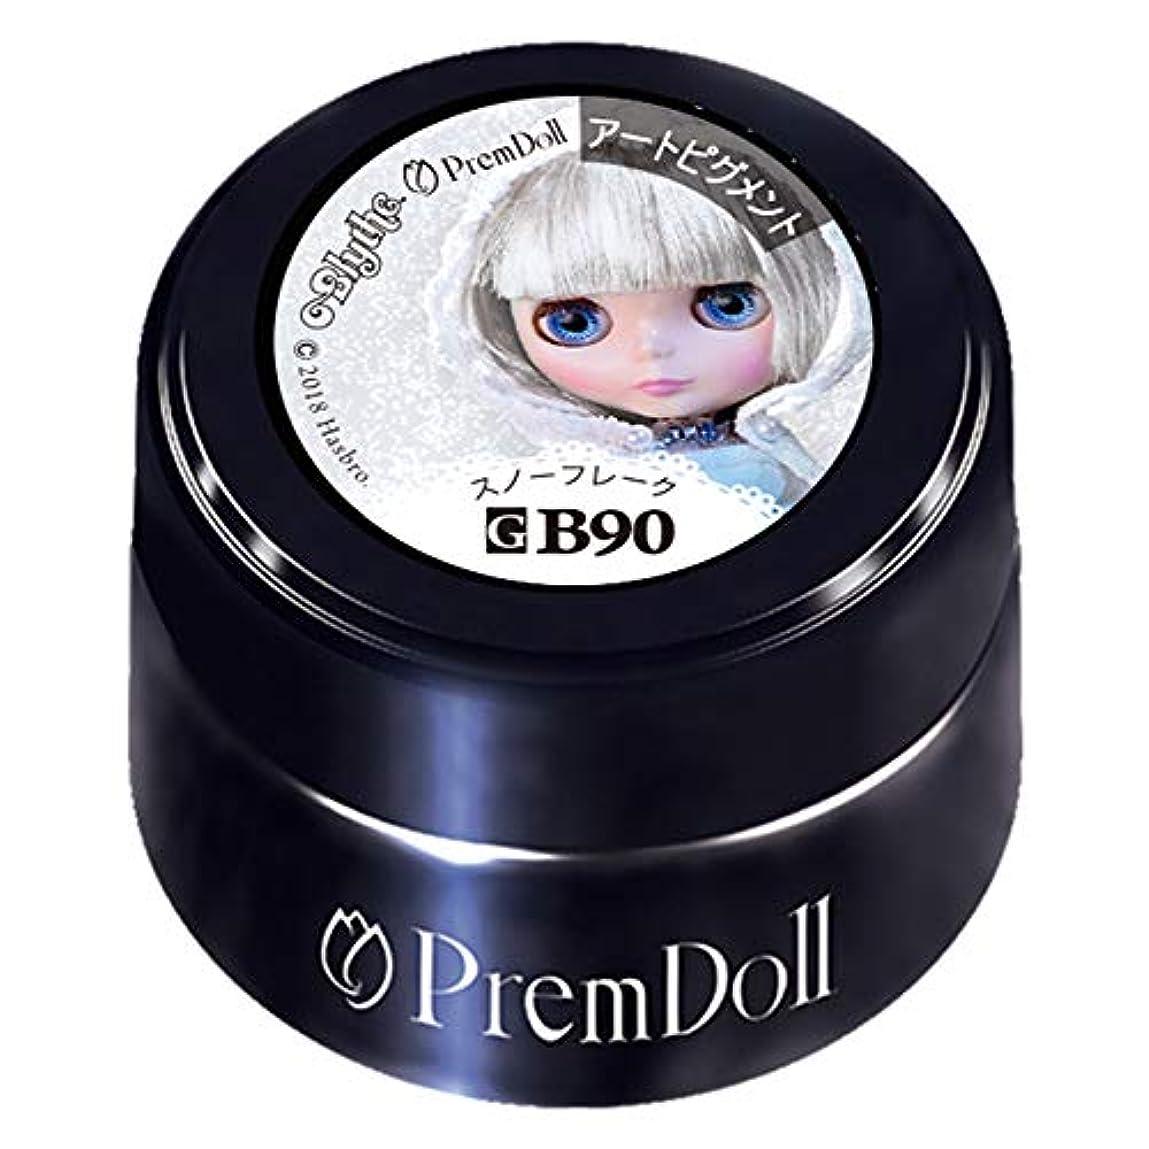 不足ビート認可PRE GEL プリムドール スノーフレーク90 DOLL-B90 3g カラージェル UV/LED対応